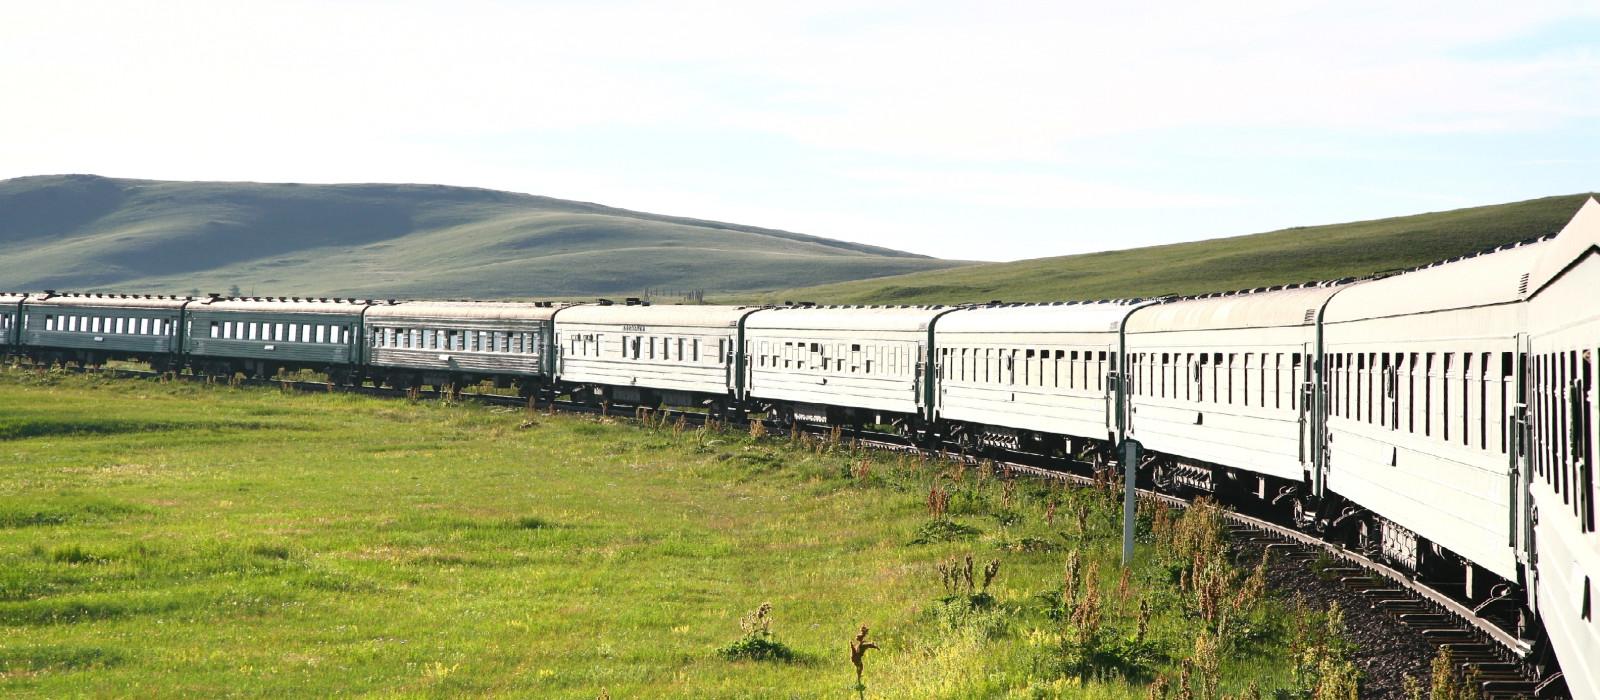 Zugreise im 'Imperial Russia' von Moskau nach Wladiwostok Urlaub 1